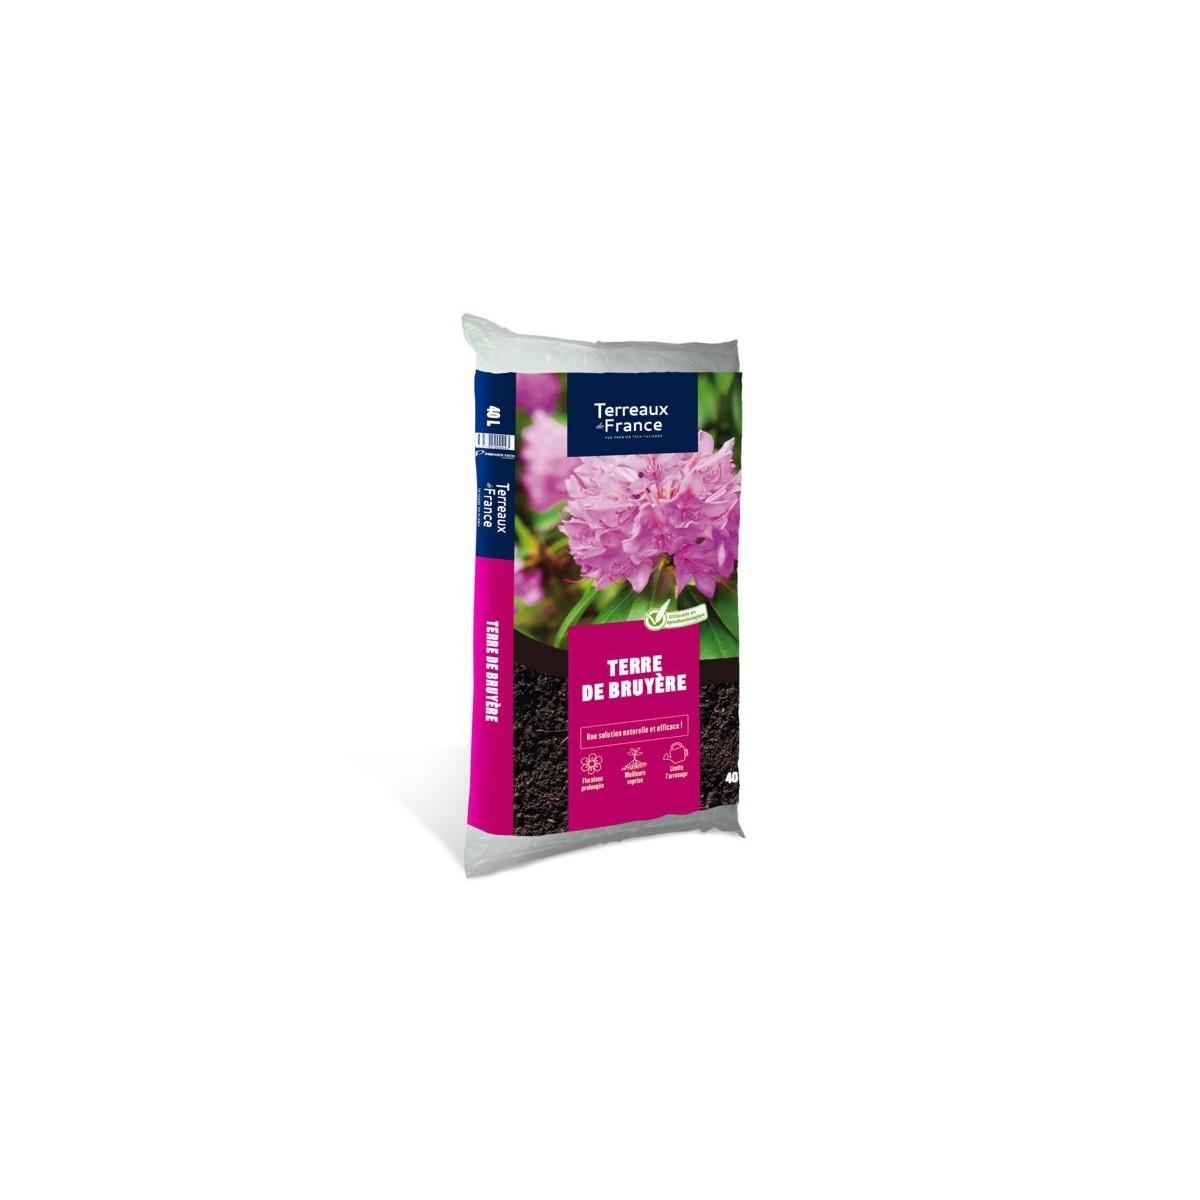 Terre de bruy re paillages terreau botanique editions - Terre de bruyere prix ...